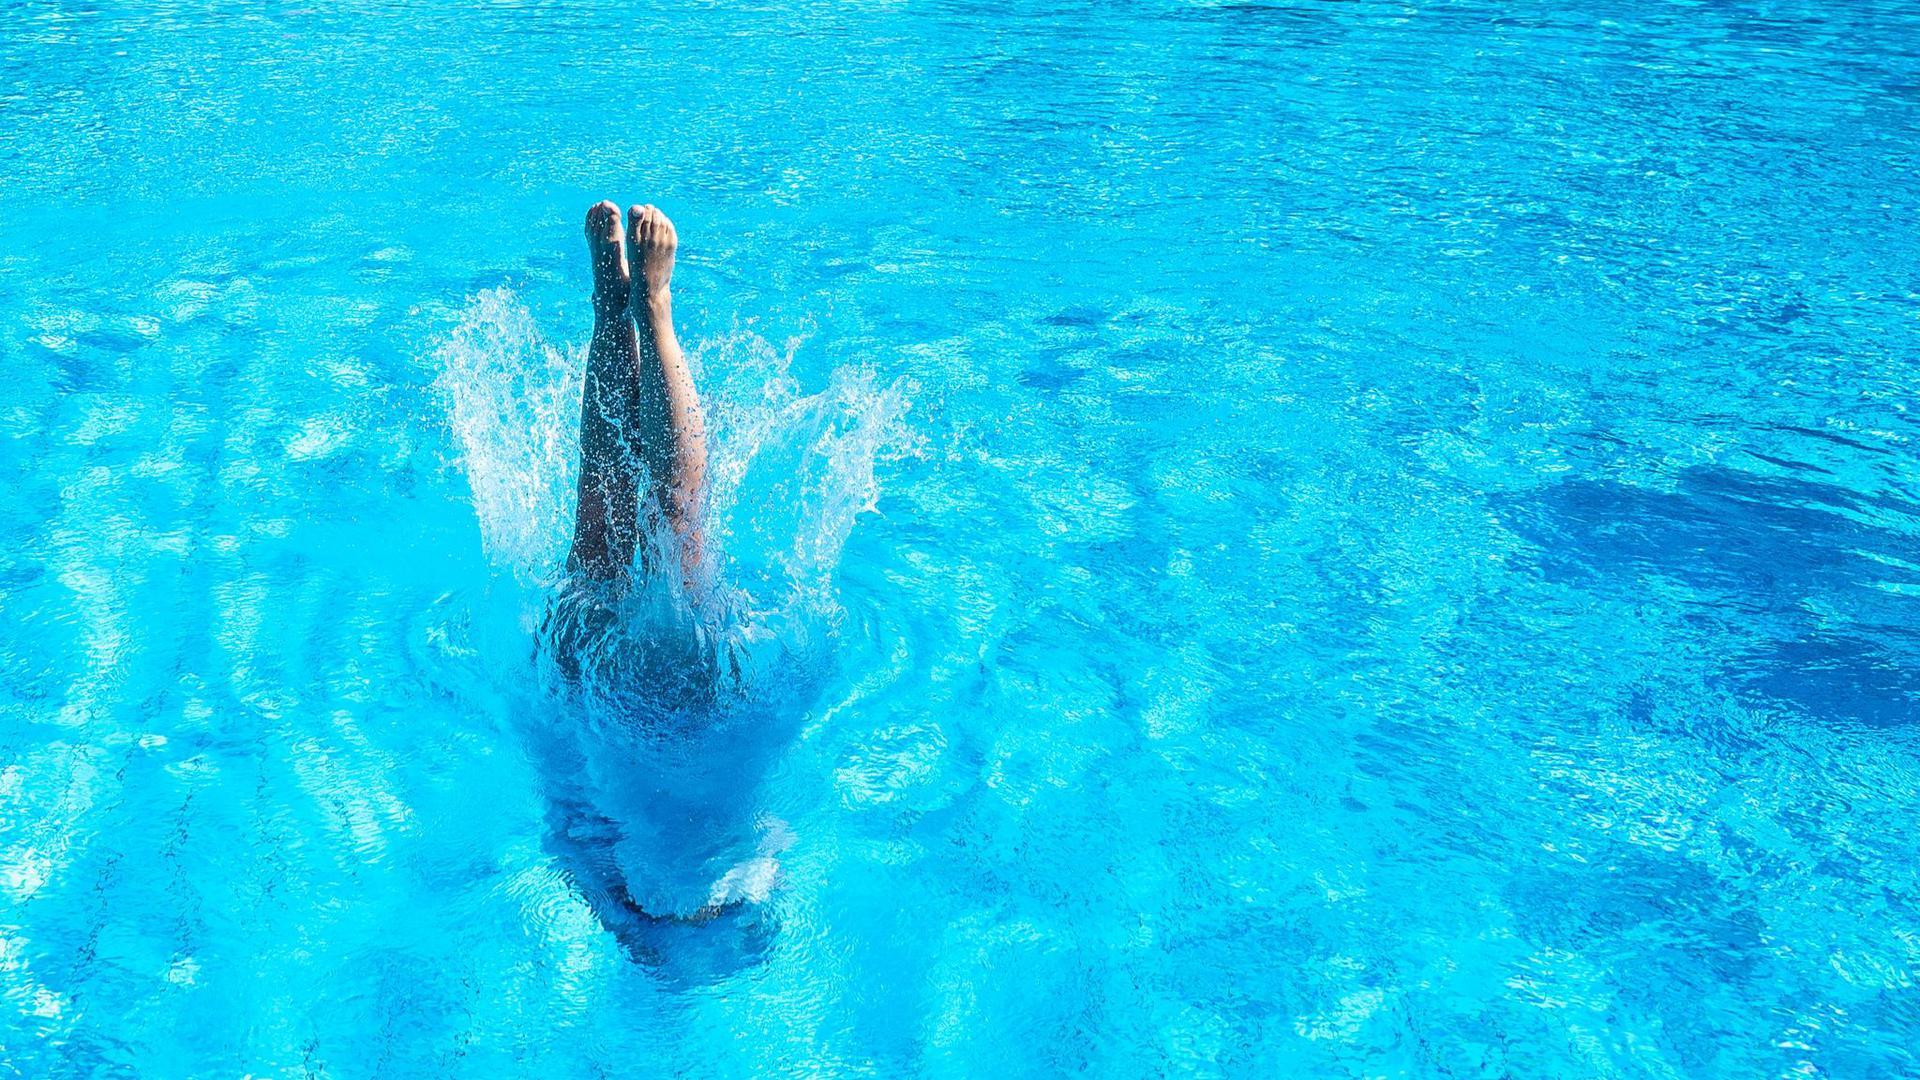 Eine Frau taucht in einem Stuttgarter Schwimmbad ins Becken ein.